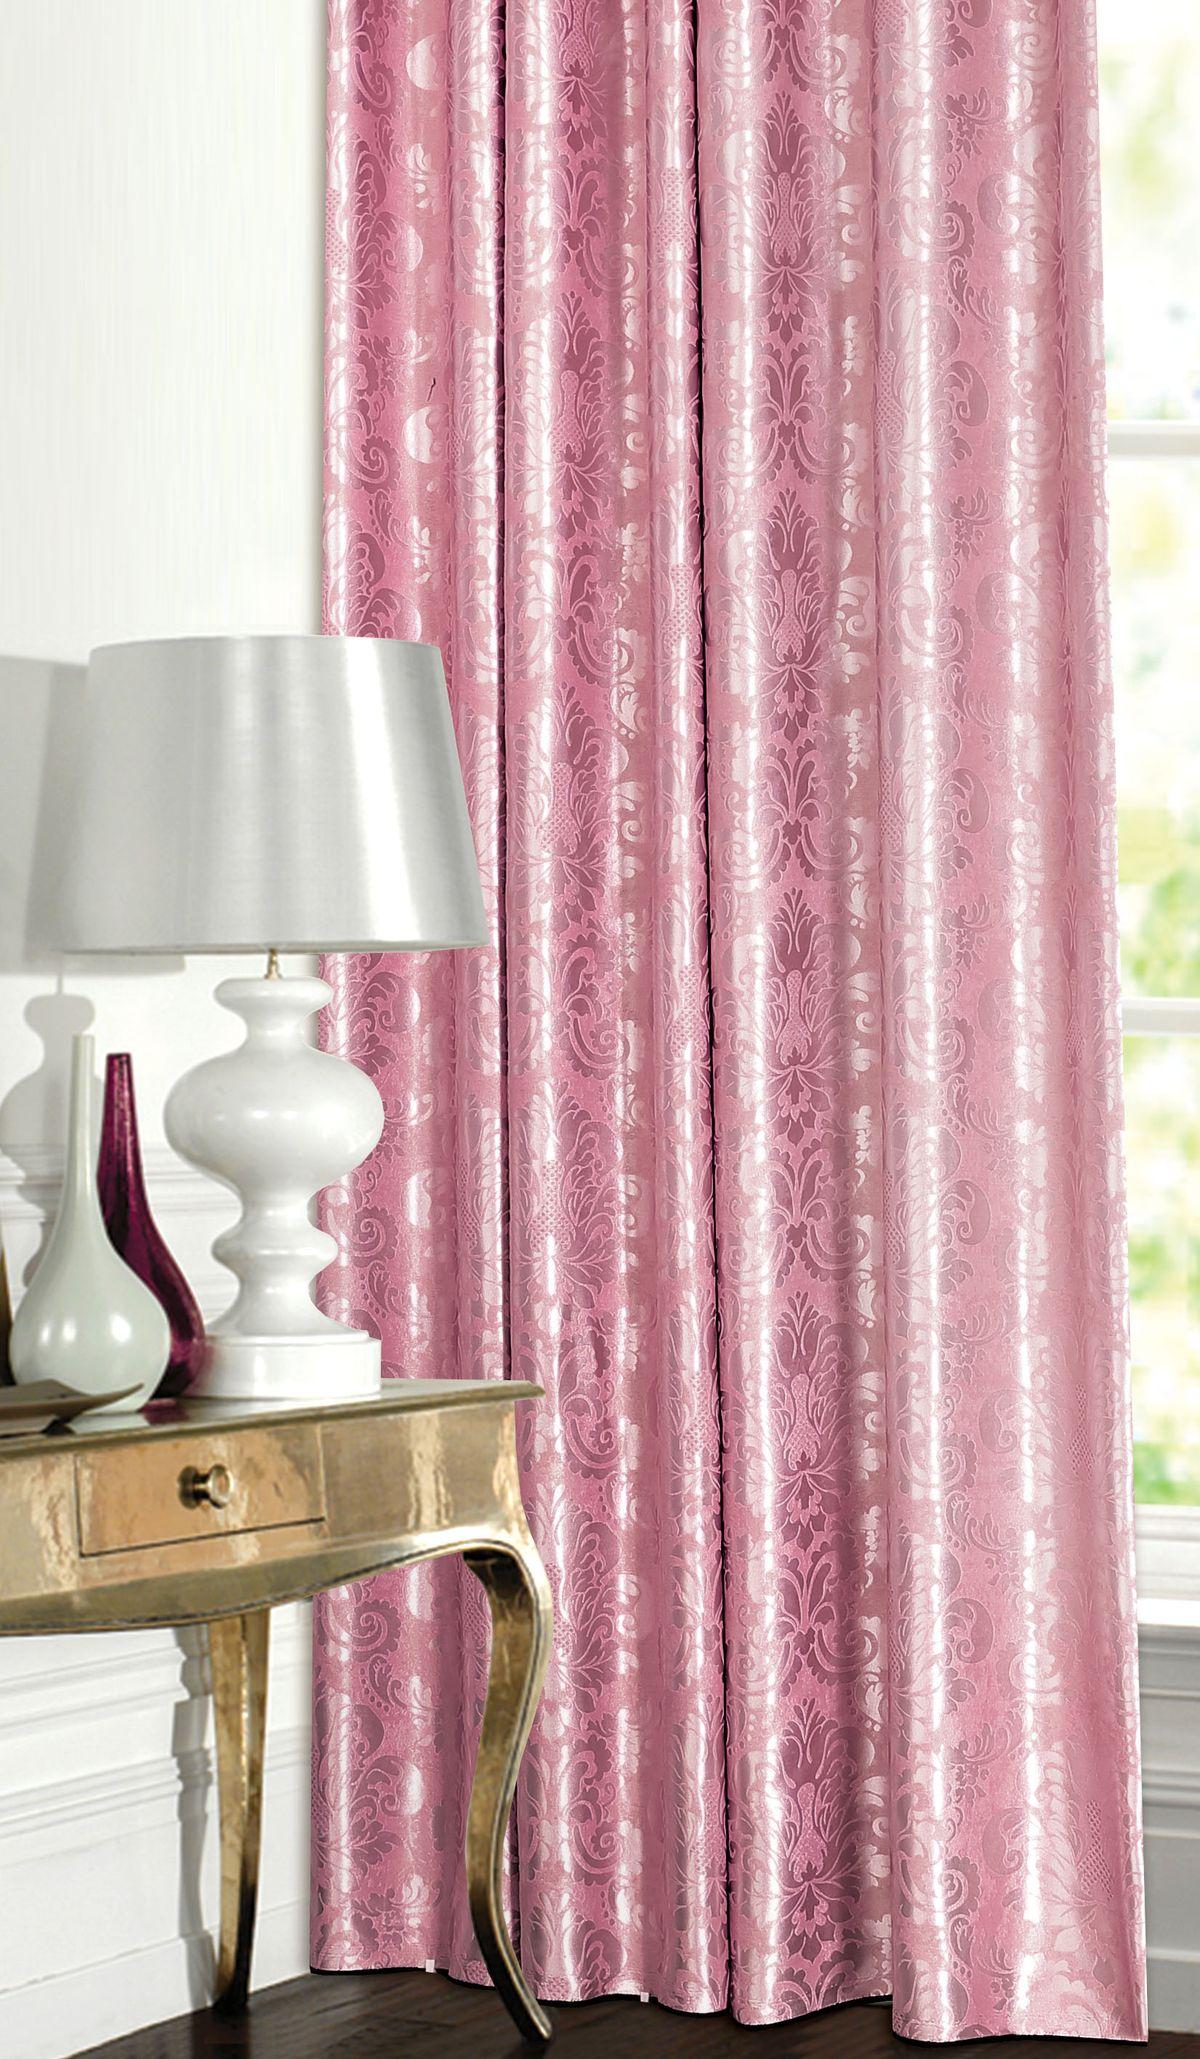 Штора готовая Garden, на ленте, цвет: розовый, 180х260 см. С 537392 V8705510Изящная штора для гостиной Garden выполнена из плотной ткани жаккард. Приятная текстура и цвет привлекут к себе внимание и органично впишутся в интерьер помещения. Штора крепится на карниз при помощи ленты, которая поможет красиво и равномерно задрапировать верх.